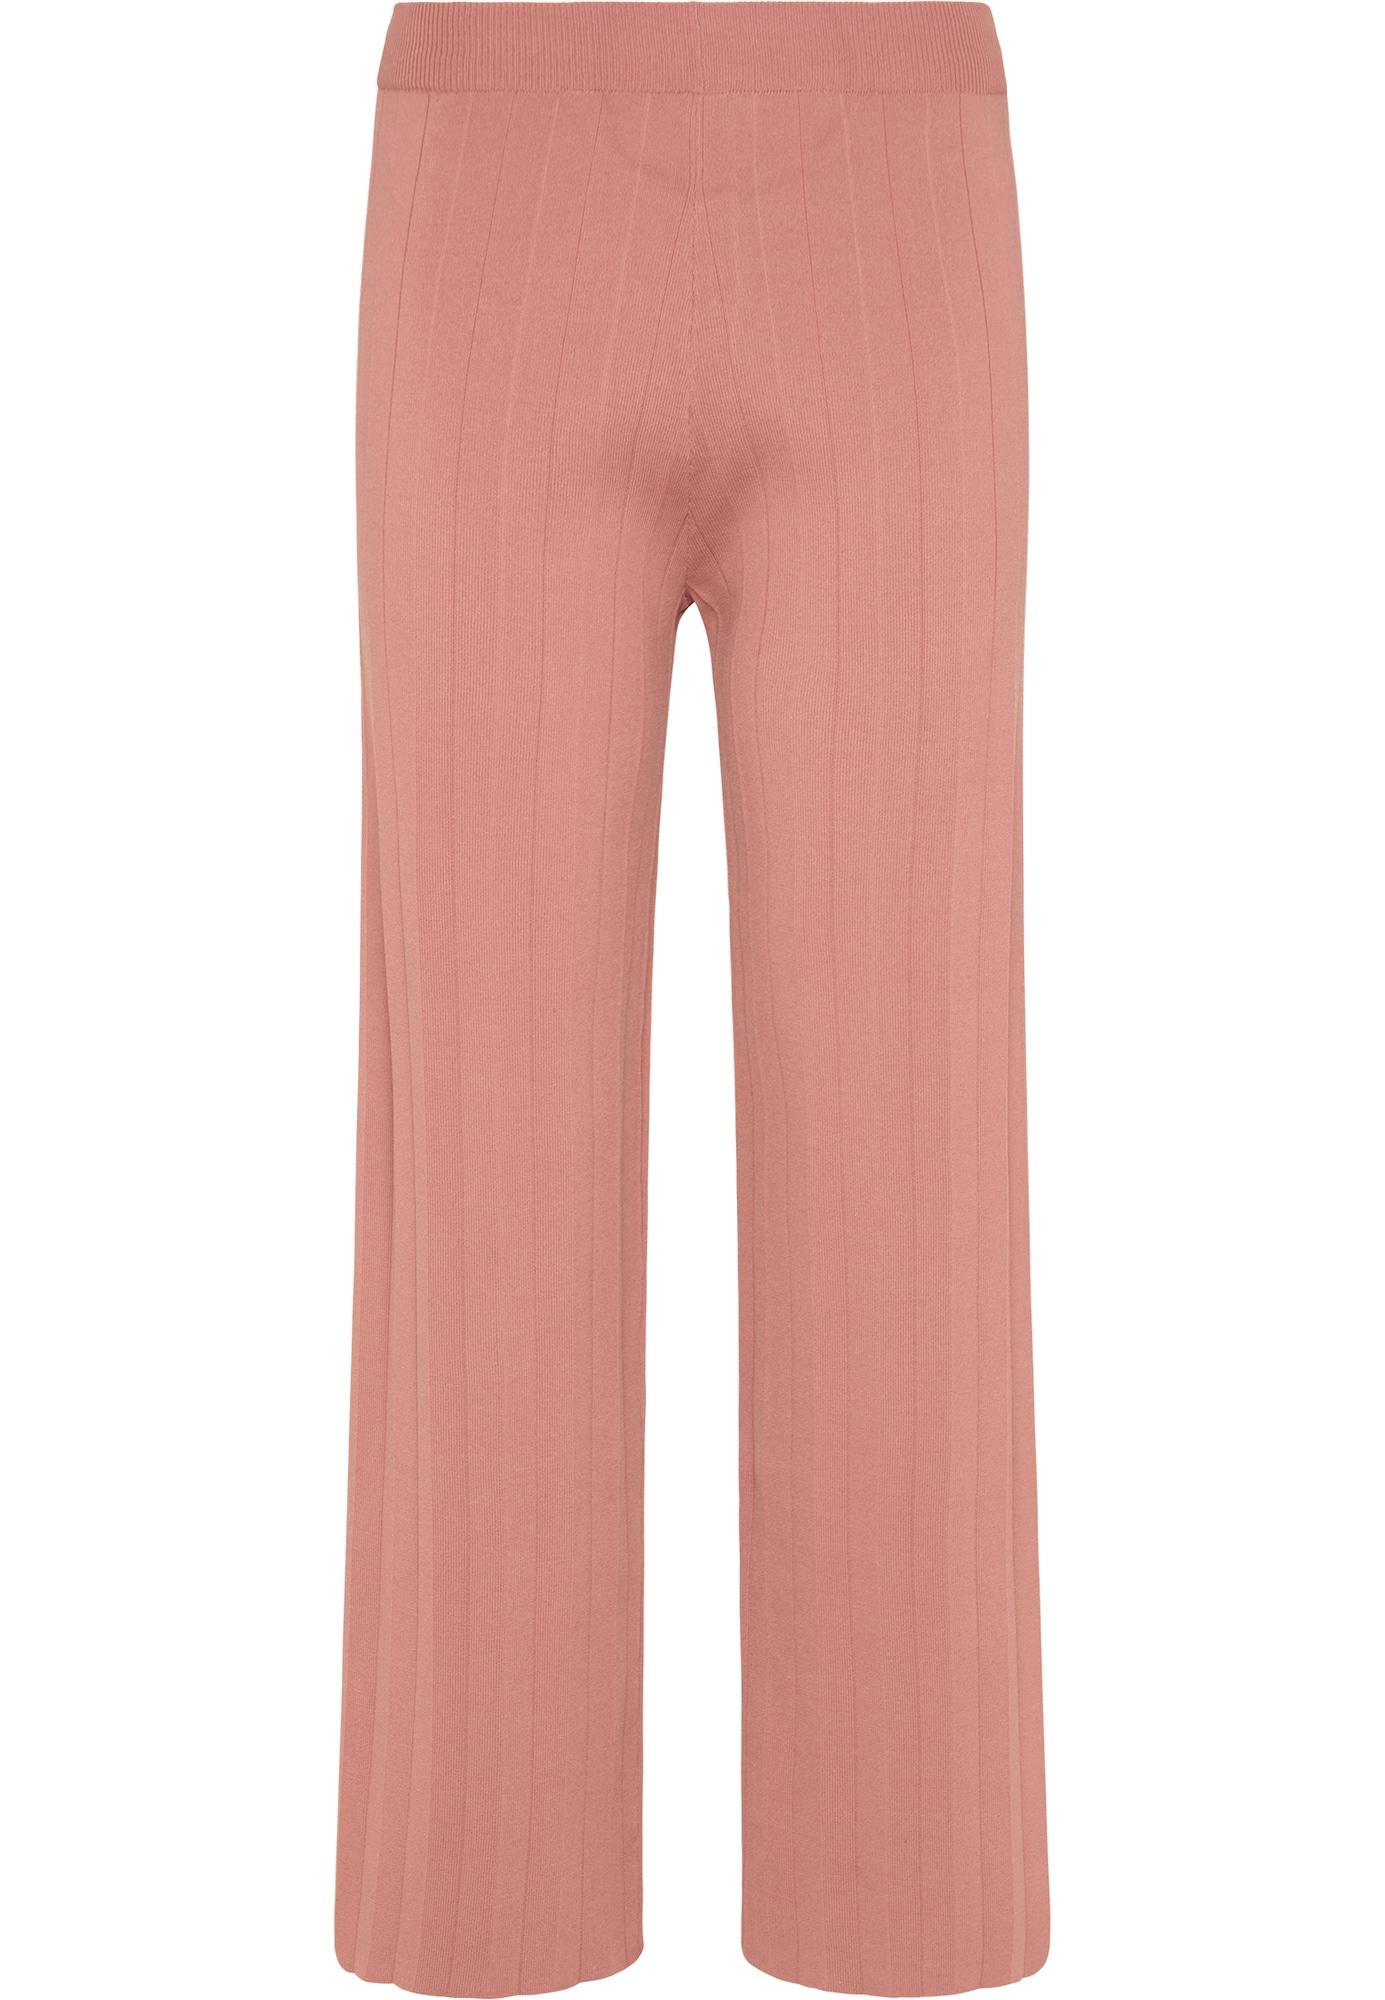 usha BLACK LABEL Kelnės ryškiai rožinė spalva